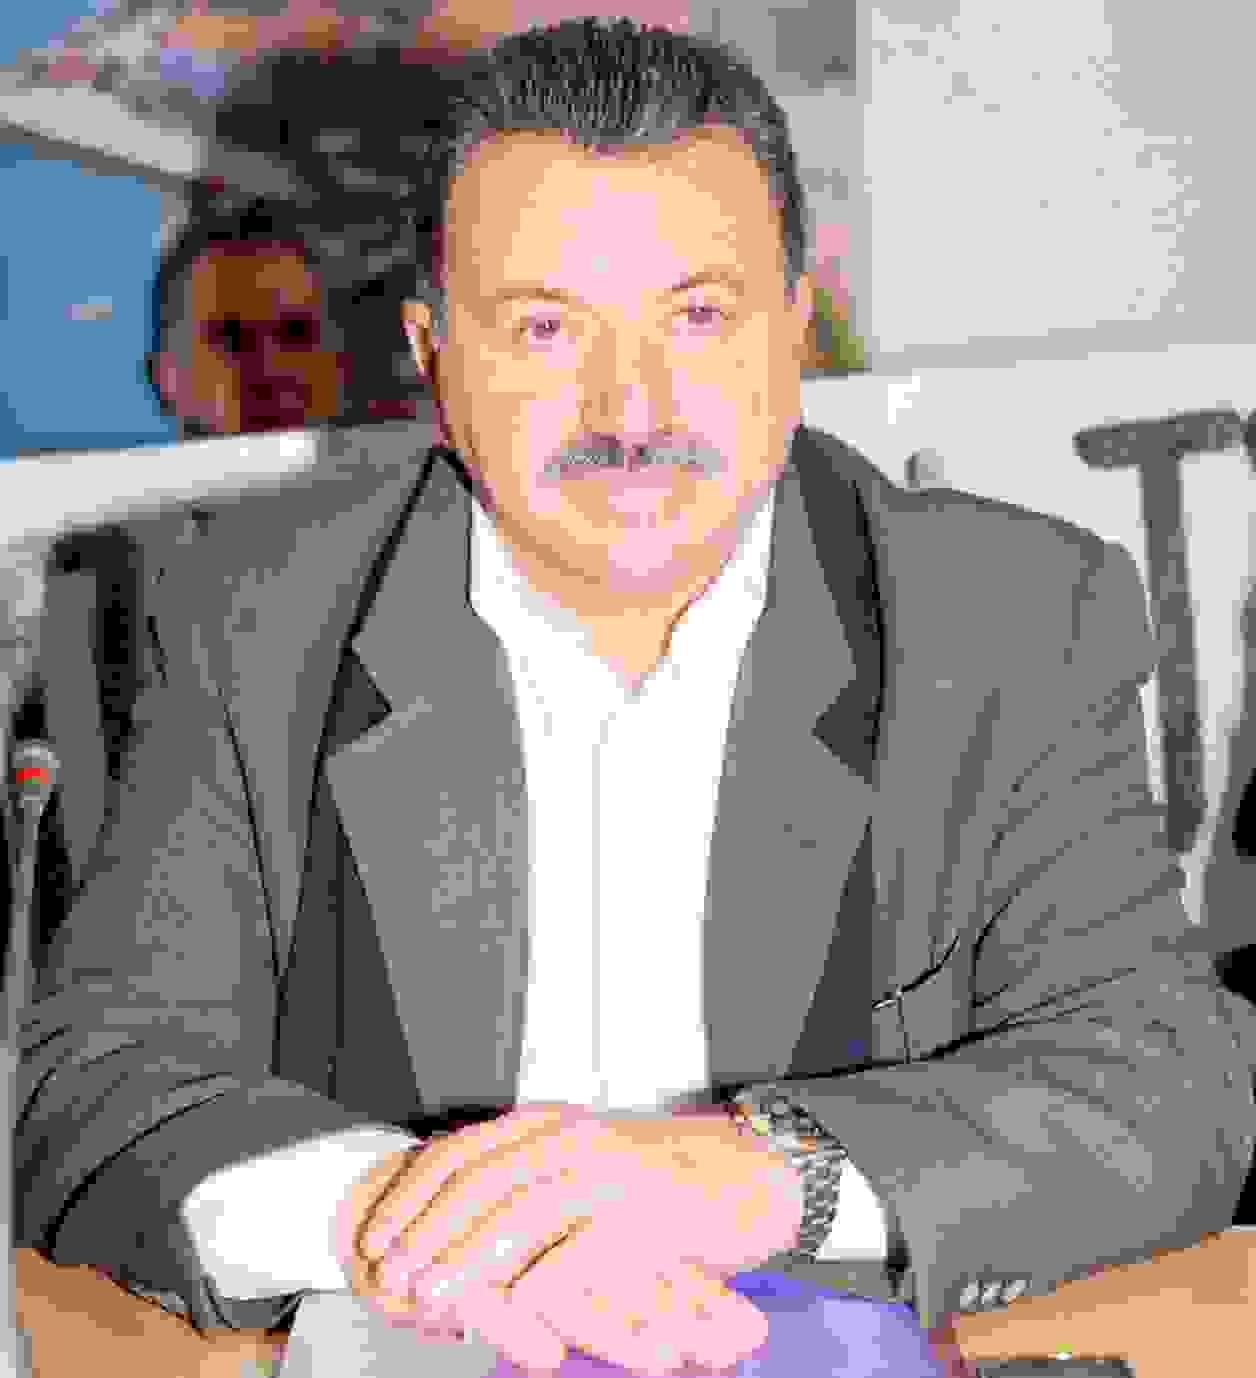 Σε δημόσιο διάλογο θέτει ο Περιφερειάρχης Θ. Γαλιατσάτος  το θέμα των υδρογονανθράκων στο Ιόνιο